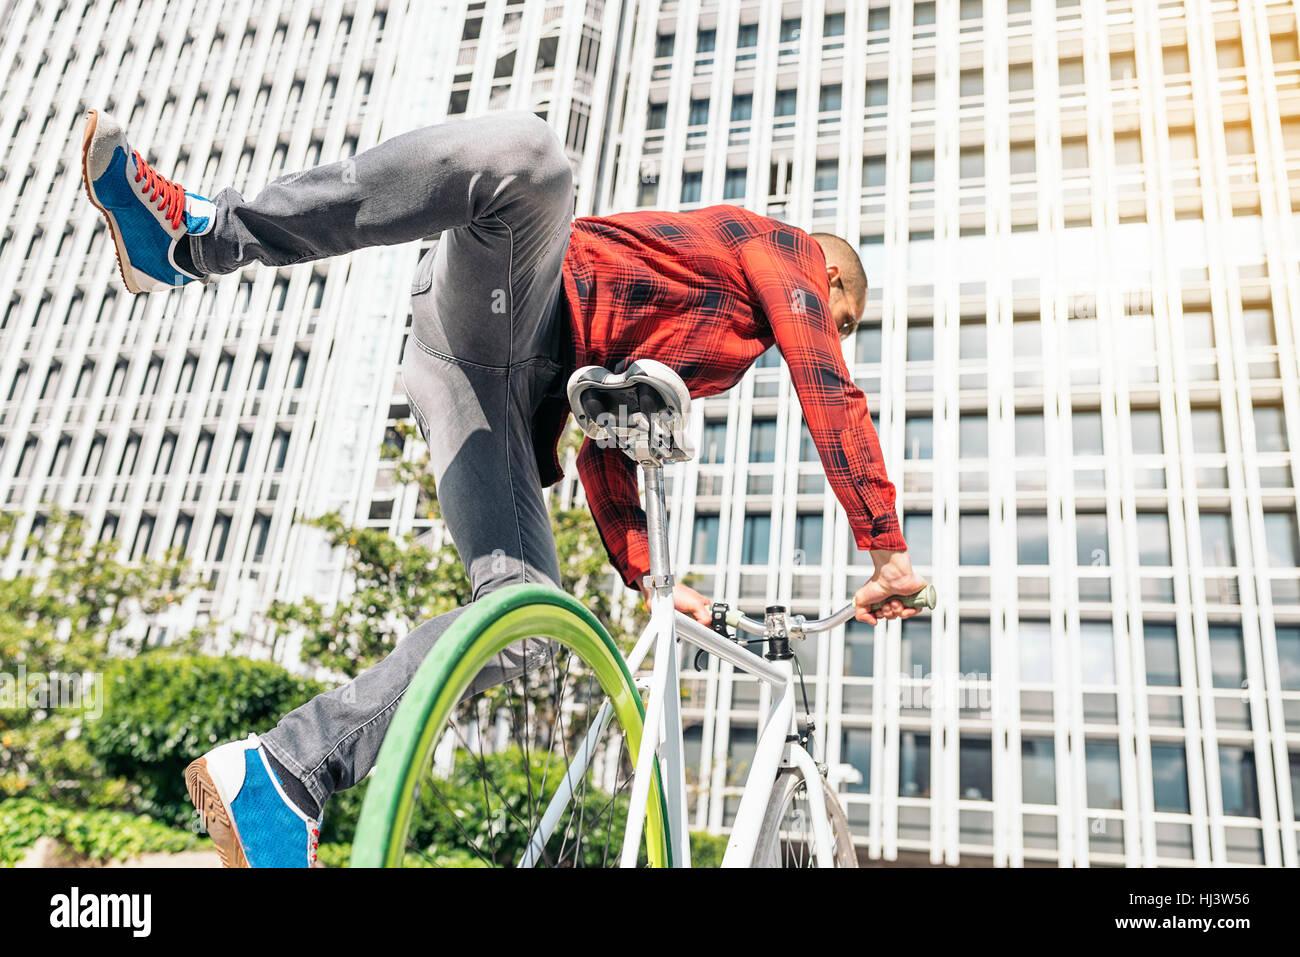 Bel giovane in bicicletta in città. Concetto di biciclettaFoto Stock